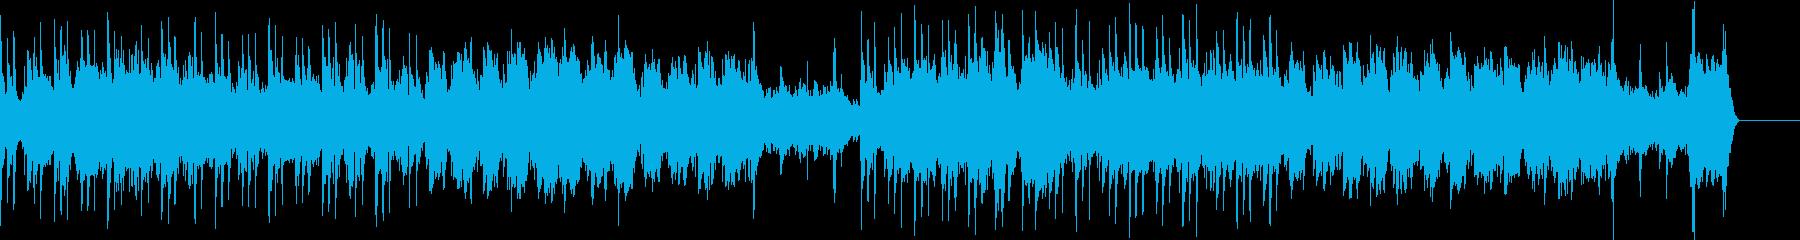 神秘的な感触の流れる催眠ハイテクグ...の再生済みの波形